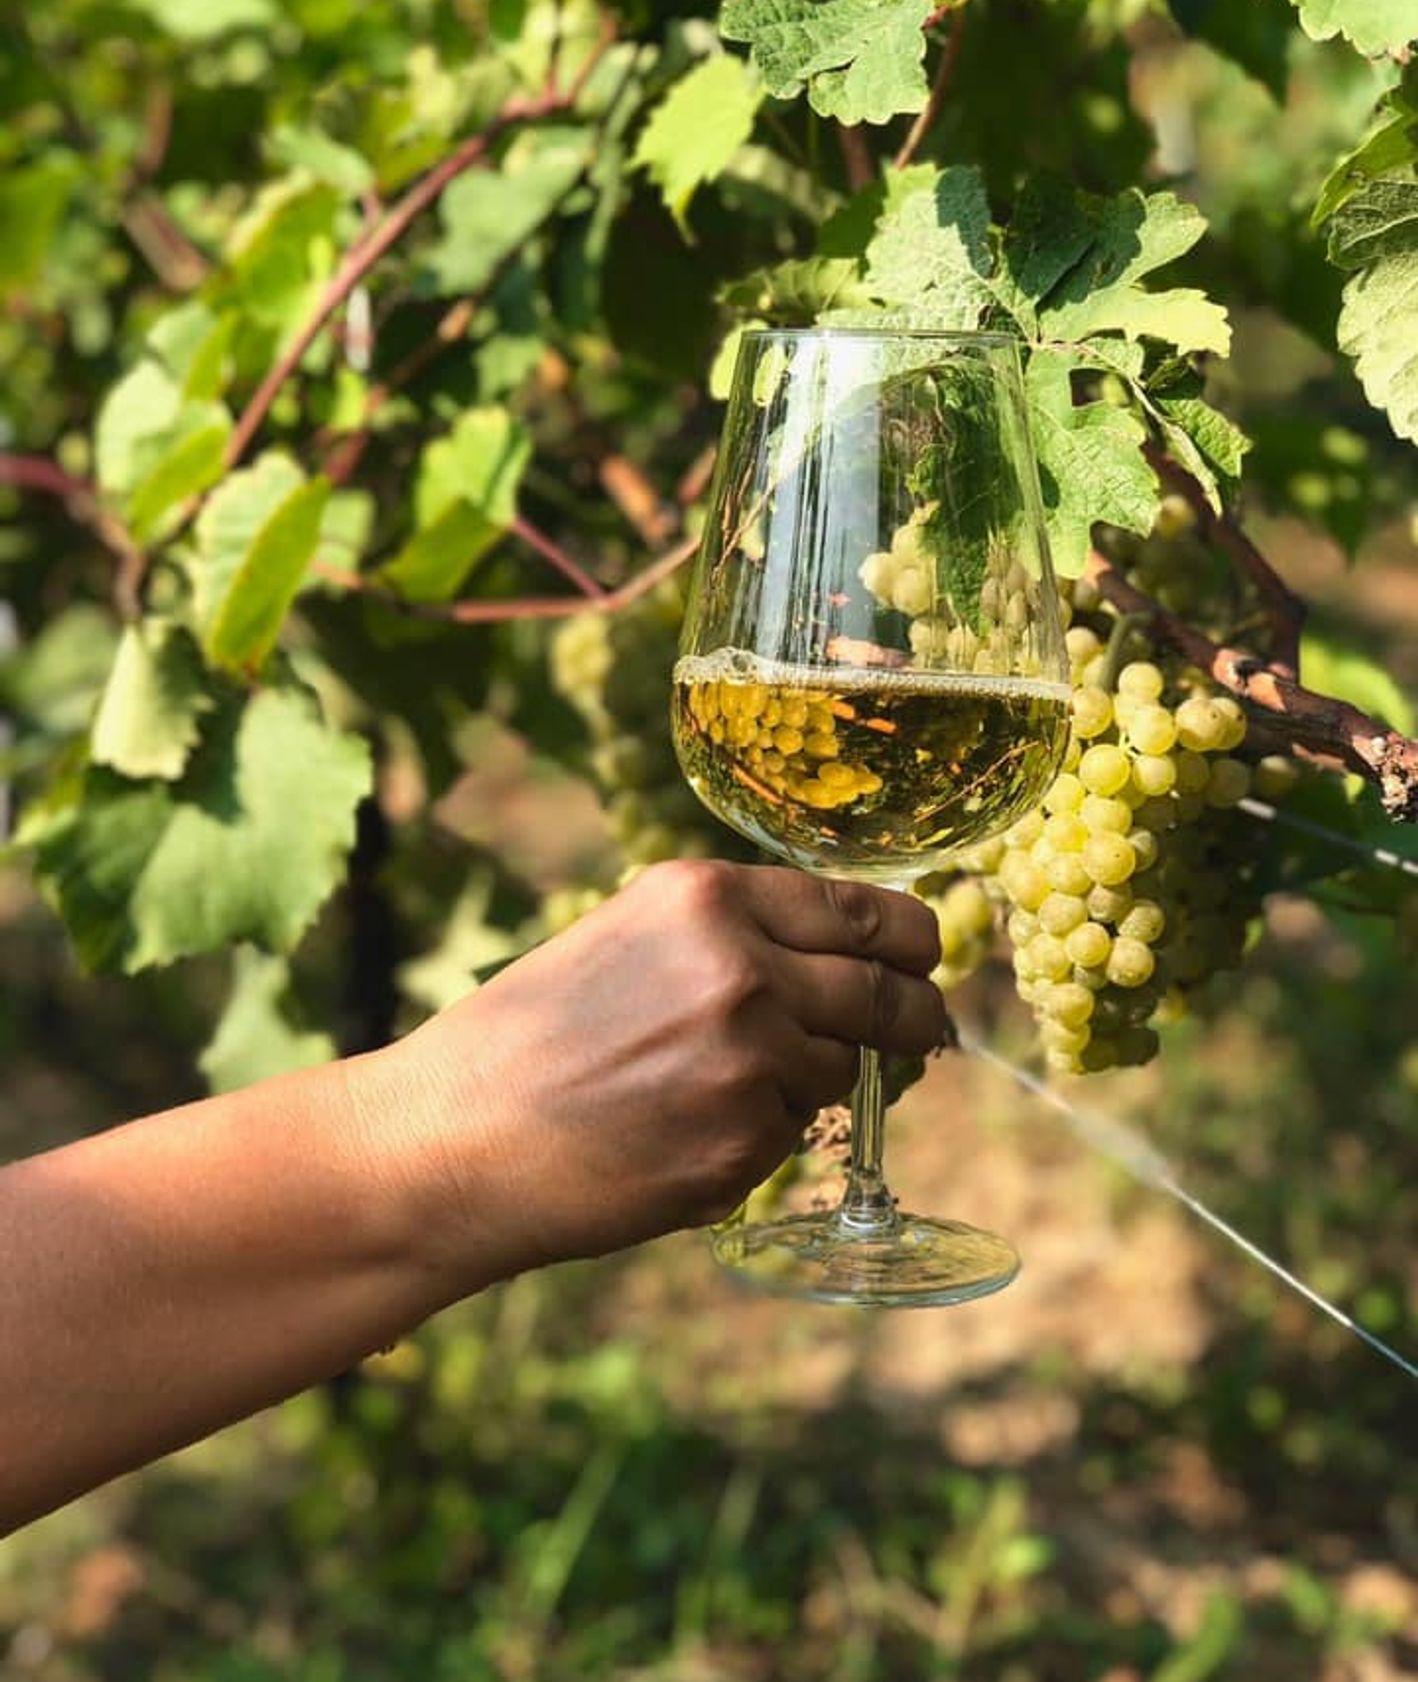 Kieliszek z białym winem w winnicy Dwór Sanna (fot. materiały prasowe)